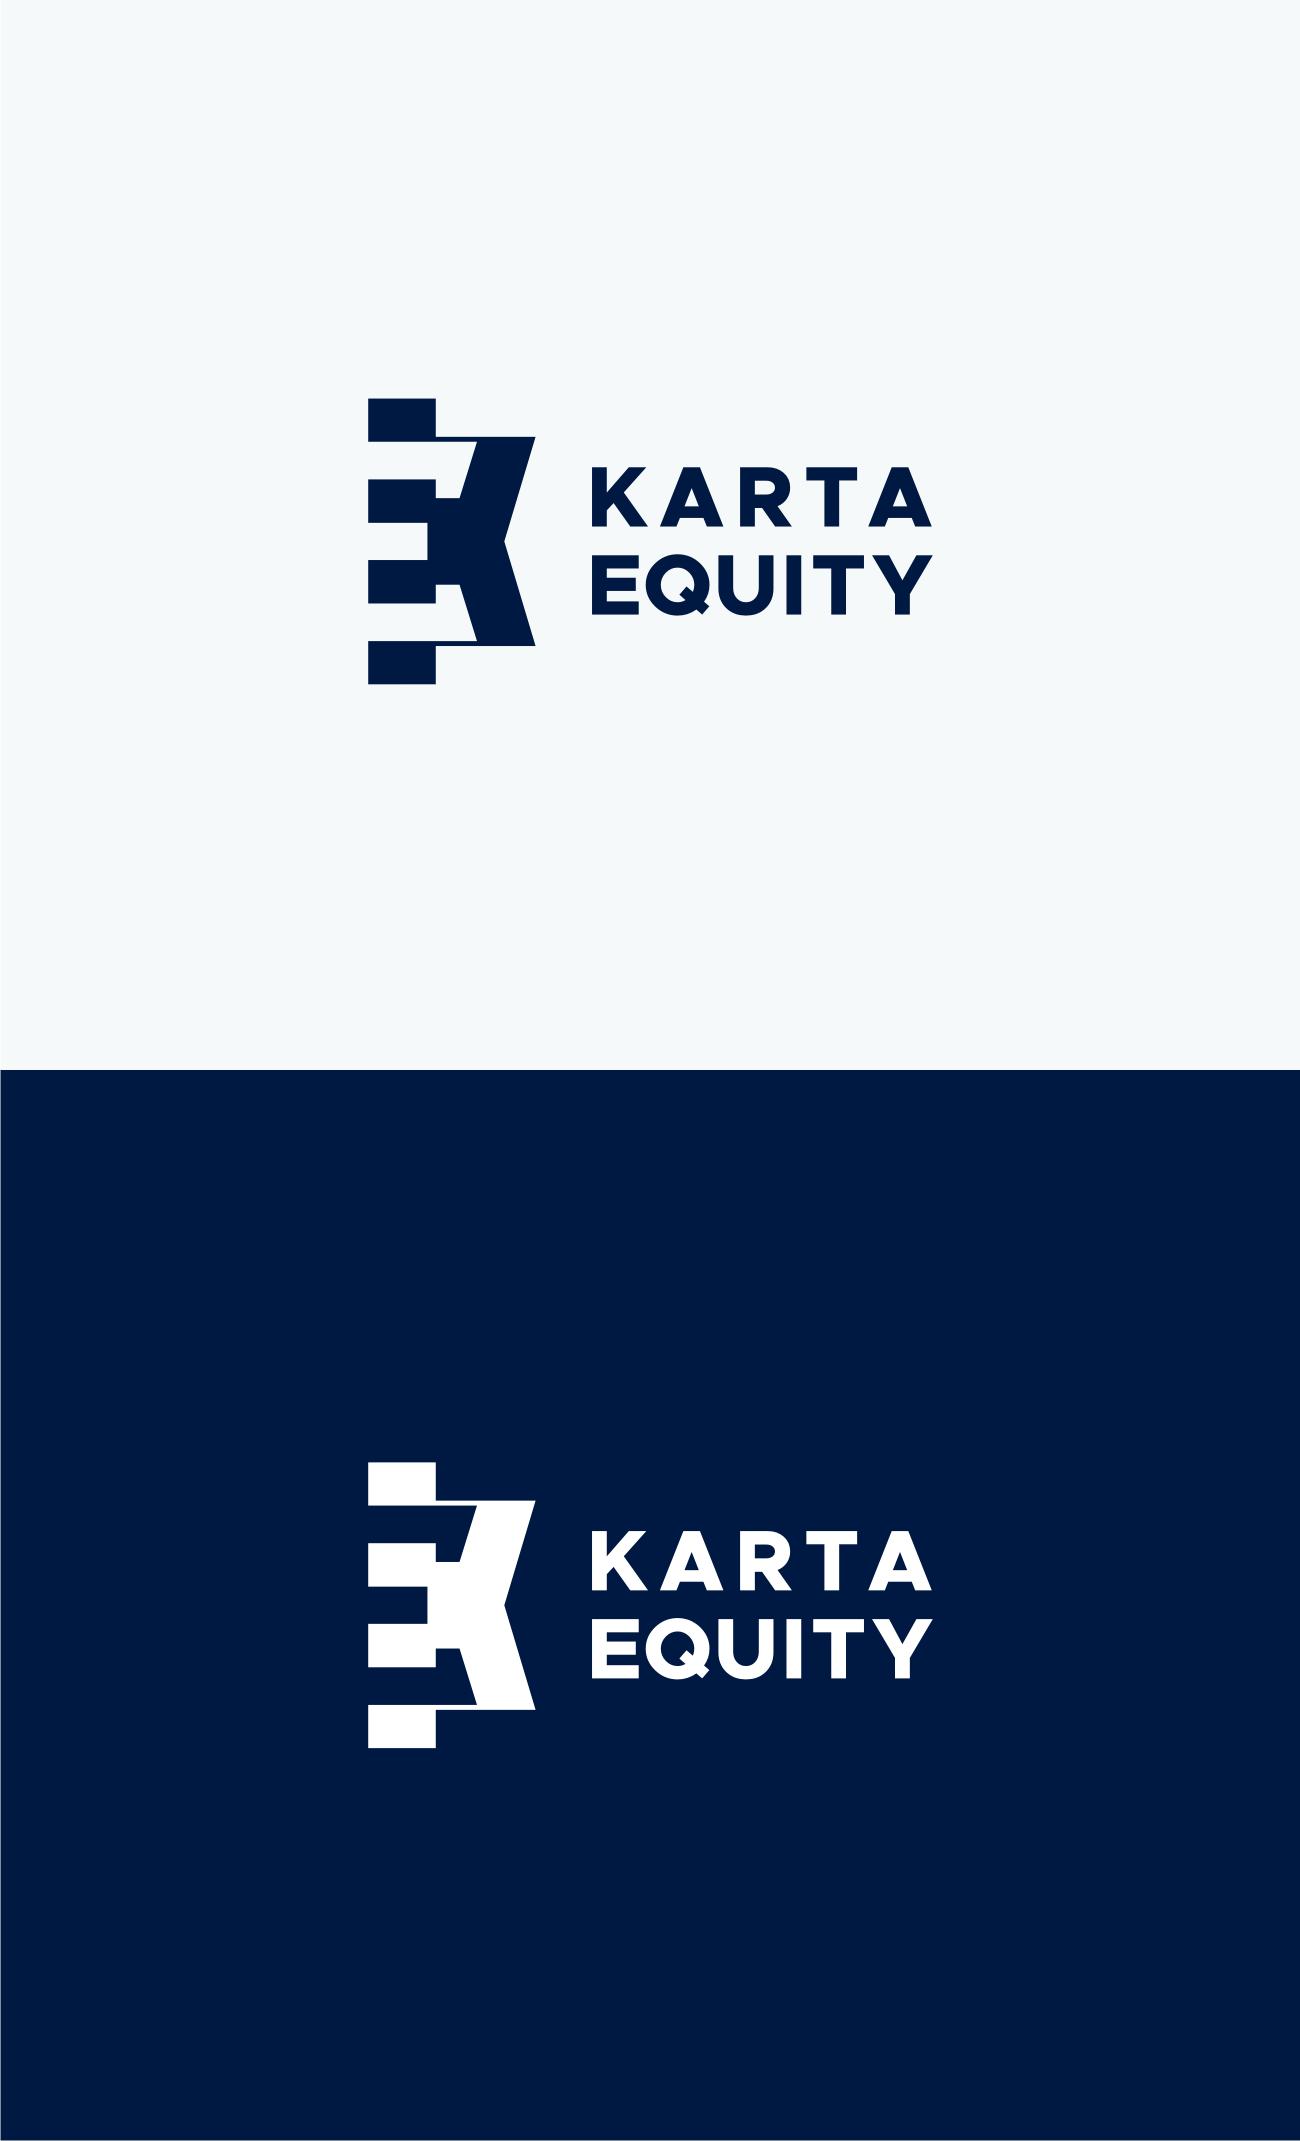 Логотип для компании инвестироваюшей в жилую недвижимость фото f_7135e0f49f27e6bd.png